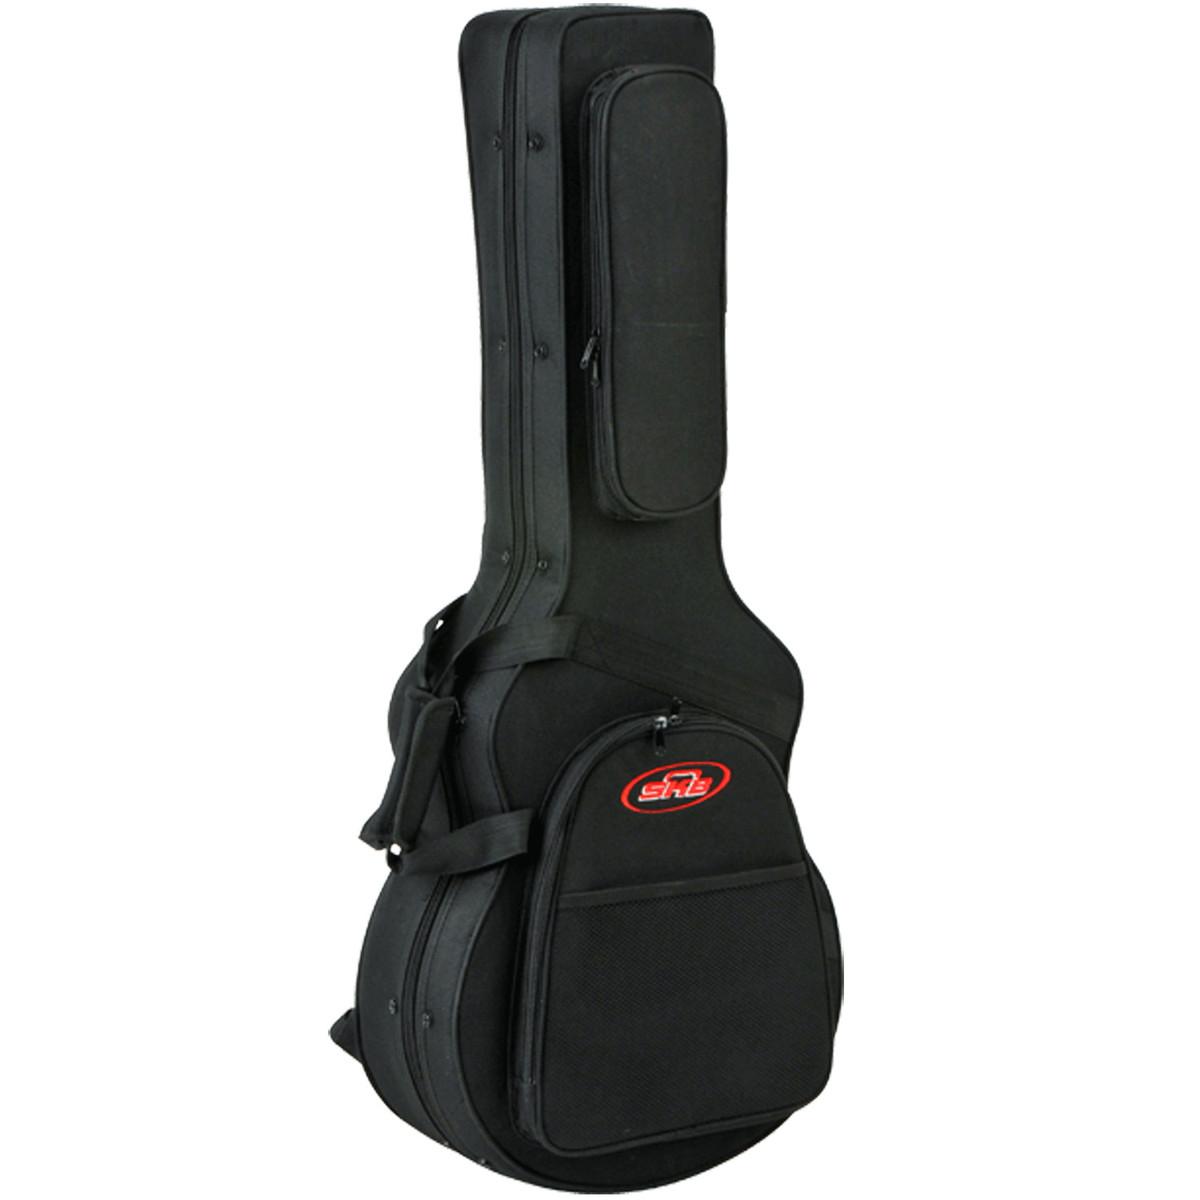 skb taylor gs mini acoustic guitar soft case at. Black Bedroom Furniture Sets. Home Design Ideas